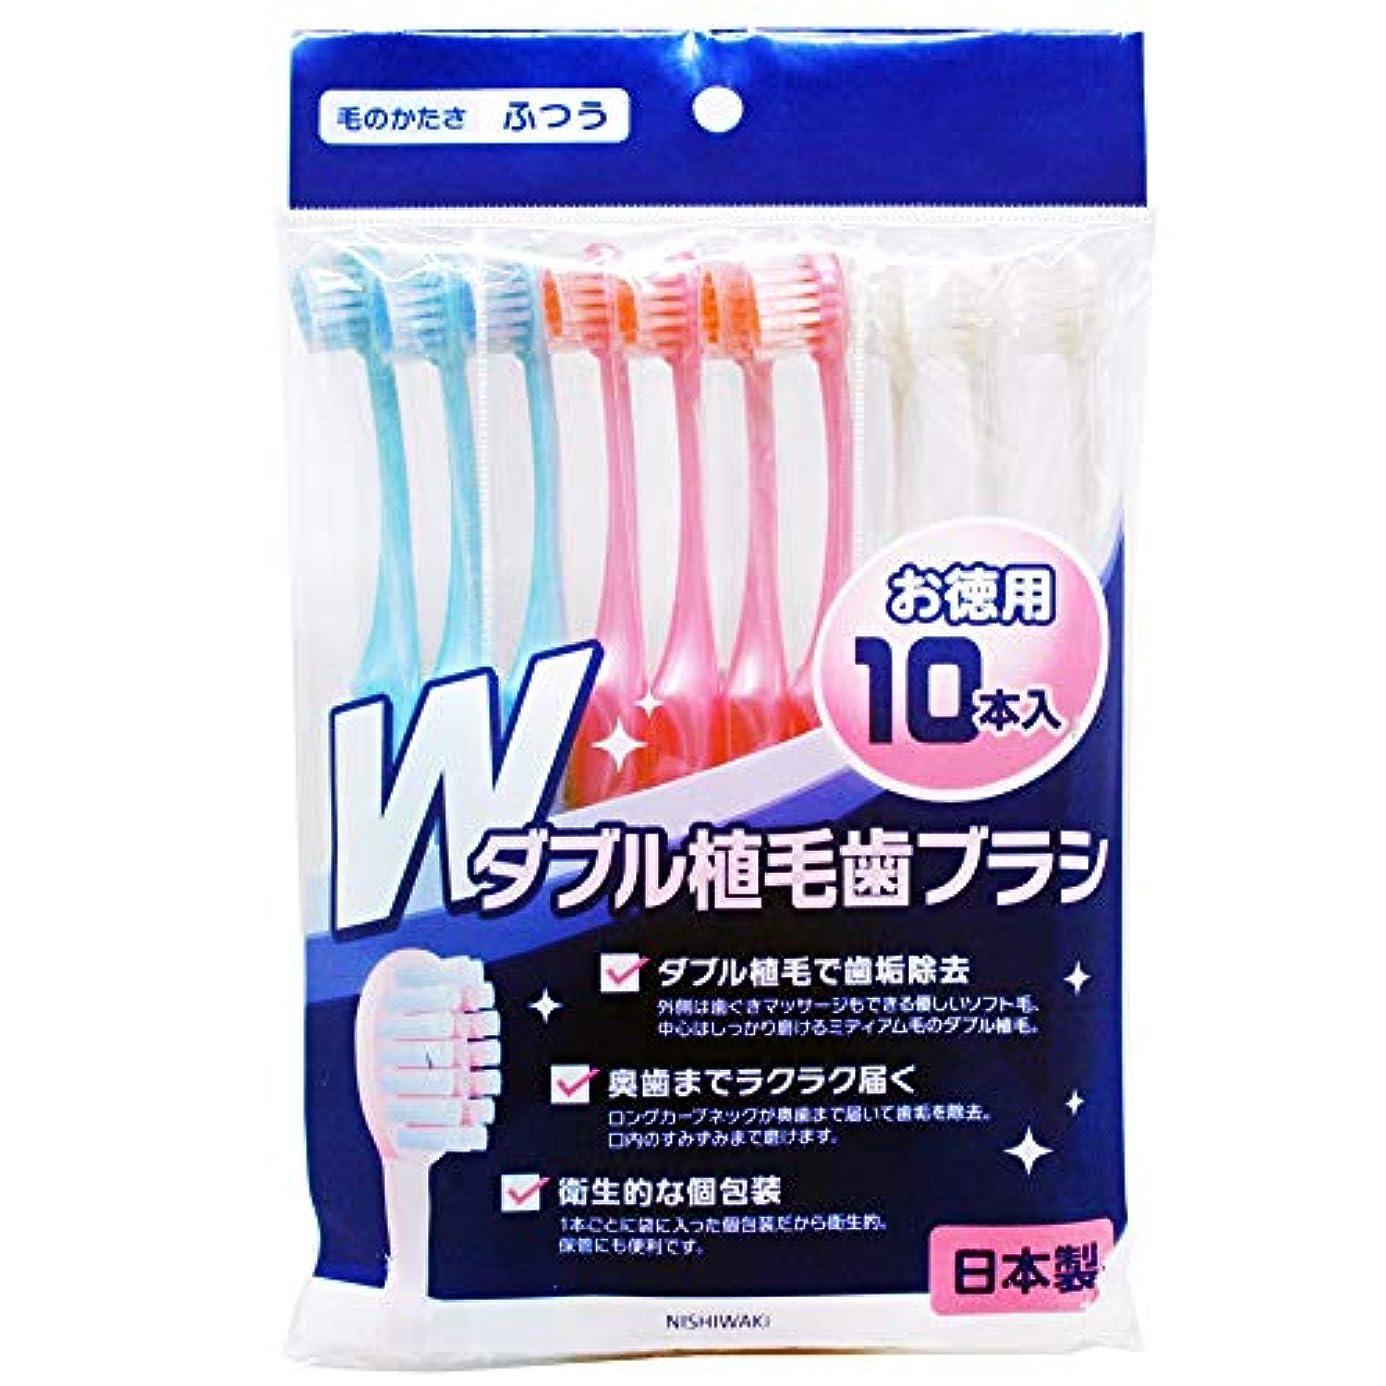 何故なの勇気衣服歯ブラシ 日本製 10本セット「外側やわらか植毛歯ブラシ」